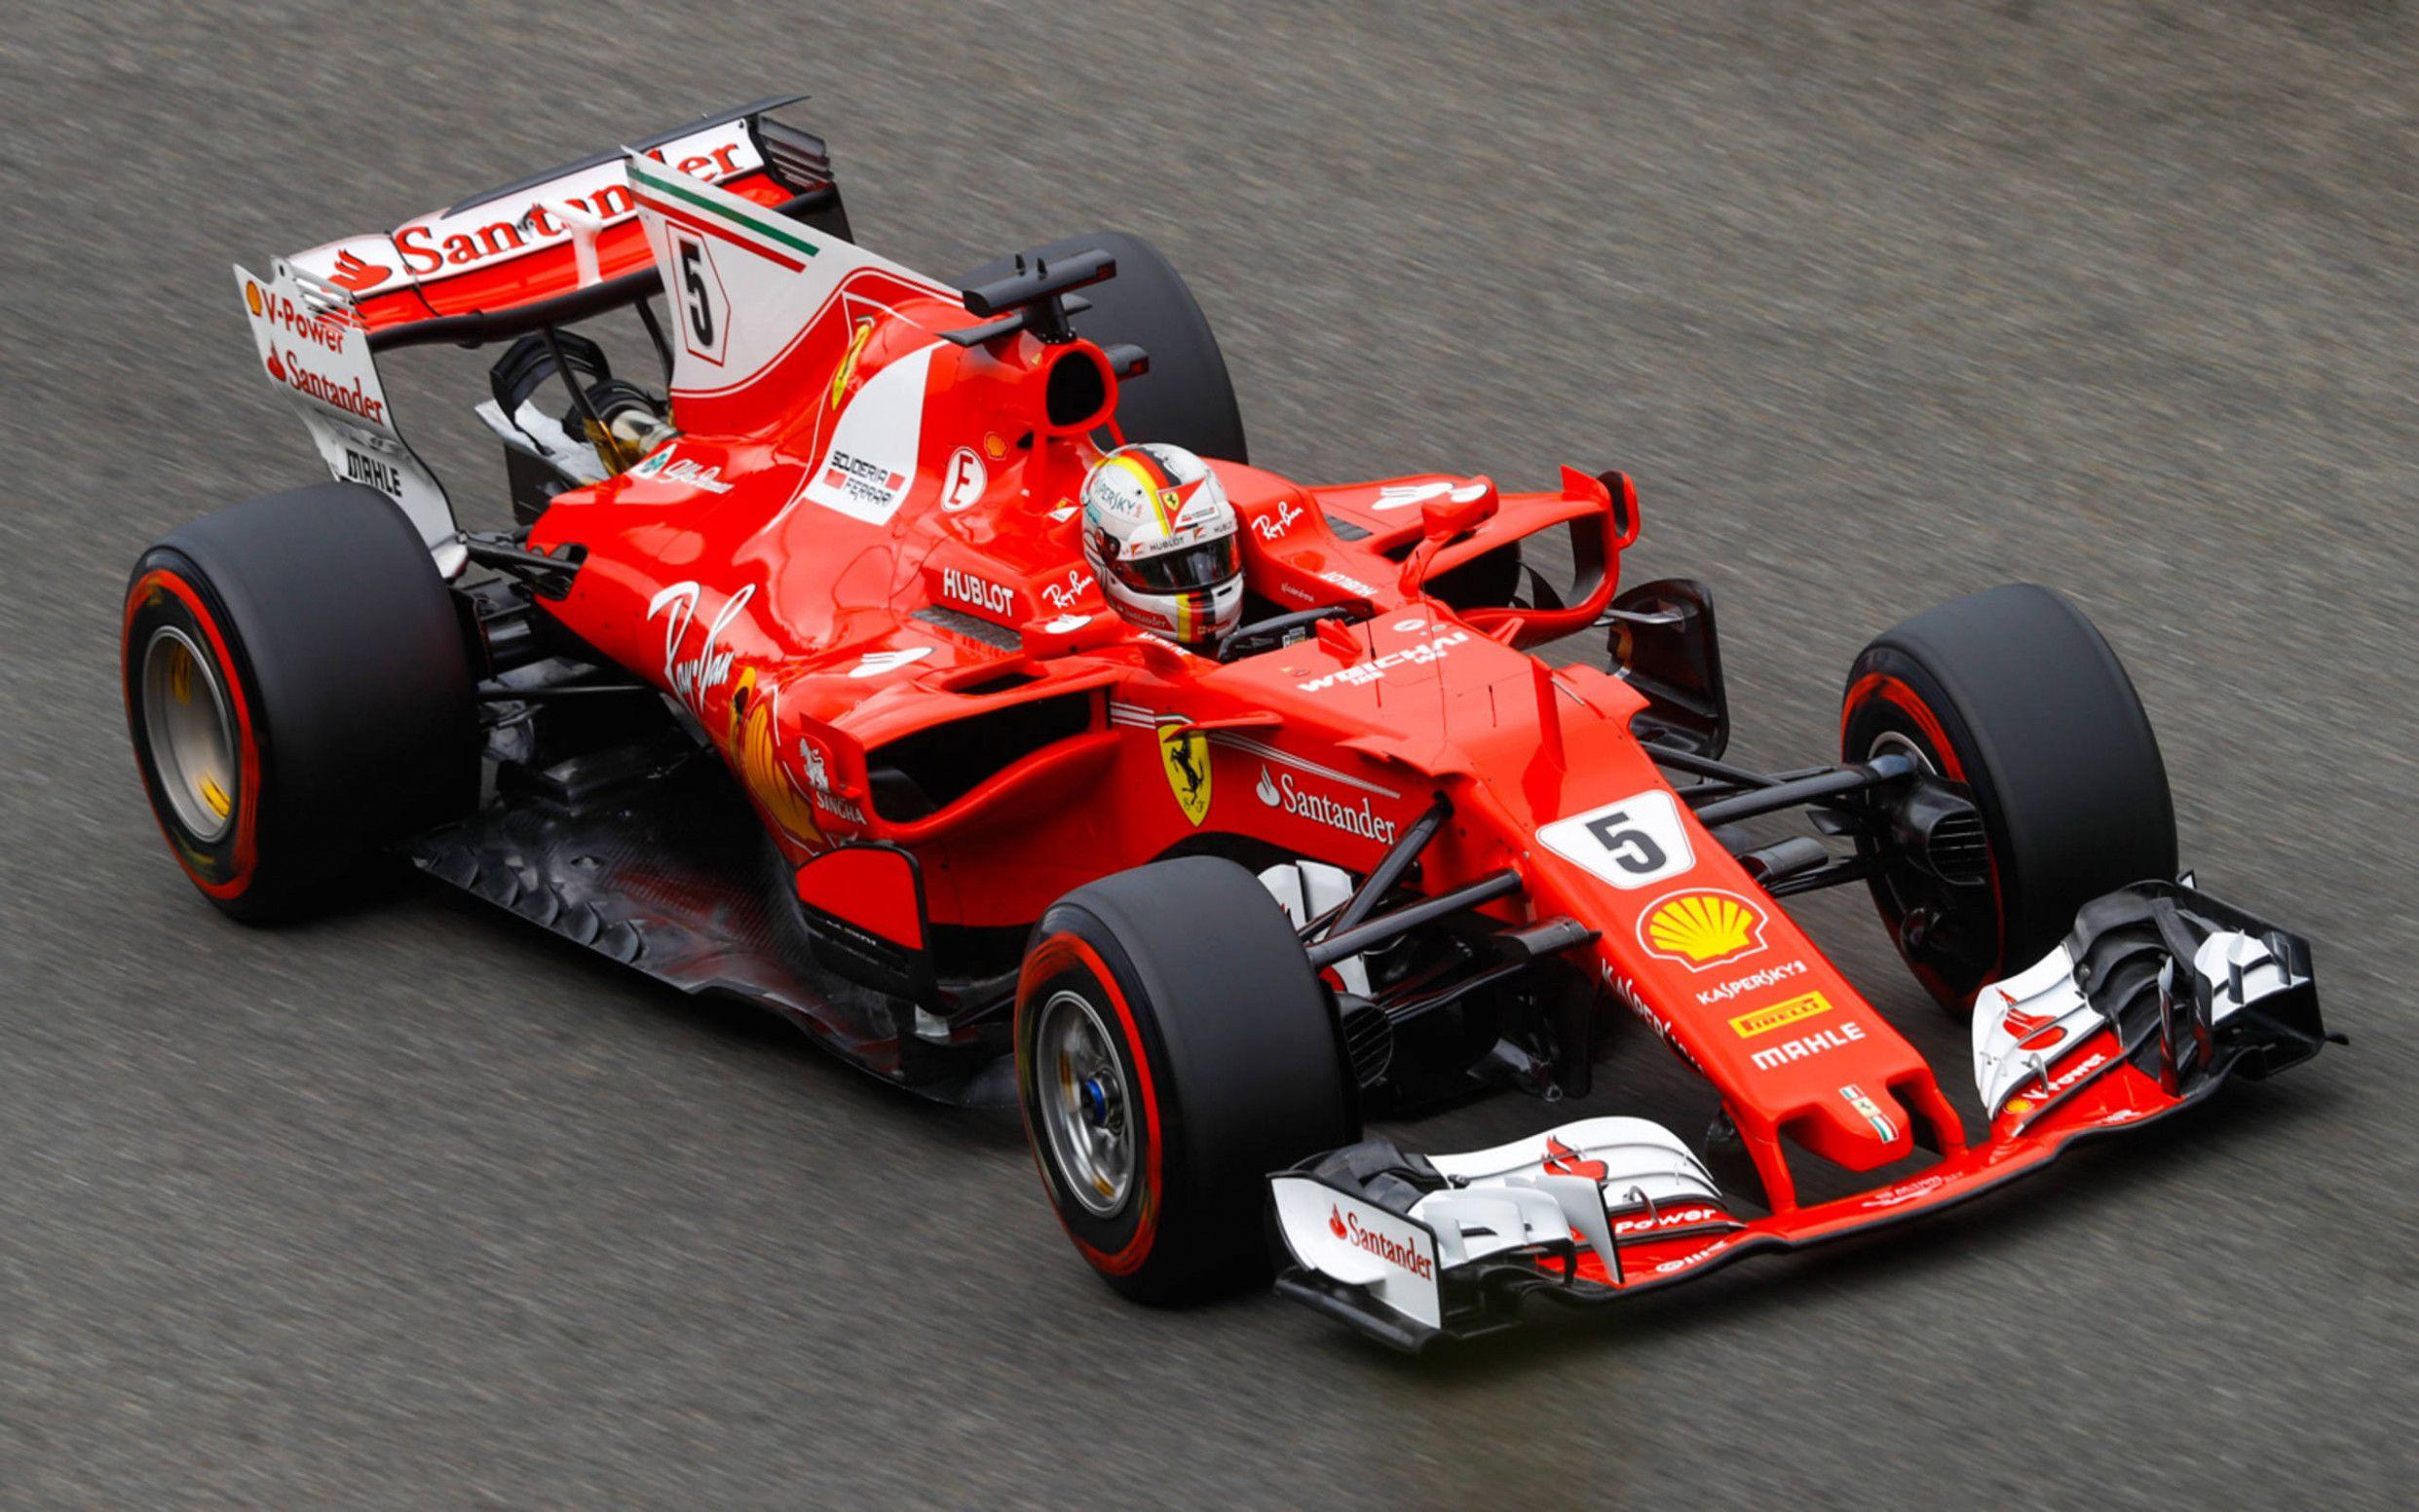 2020 Ferrari F1 Engine Release Date Ferrari, Ferrari f1